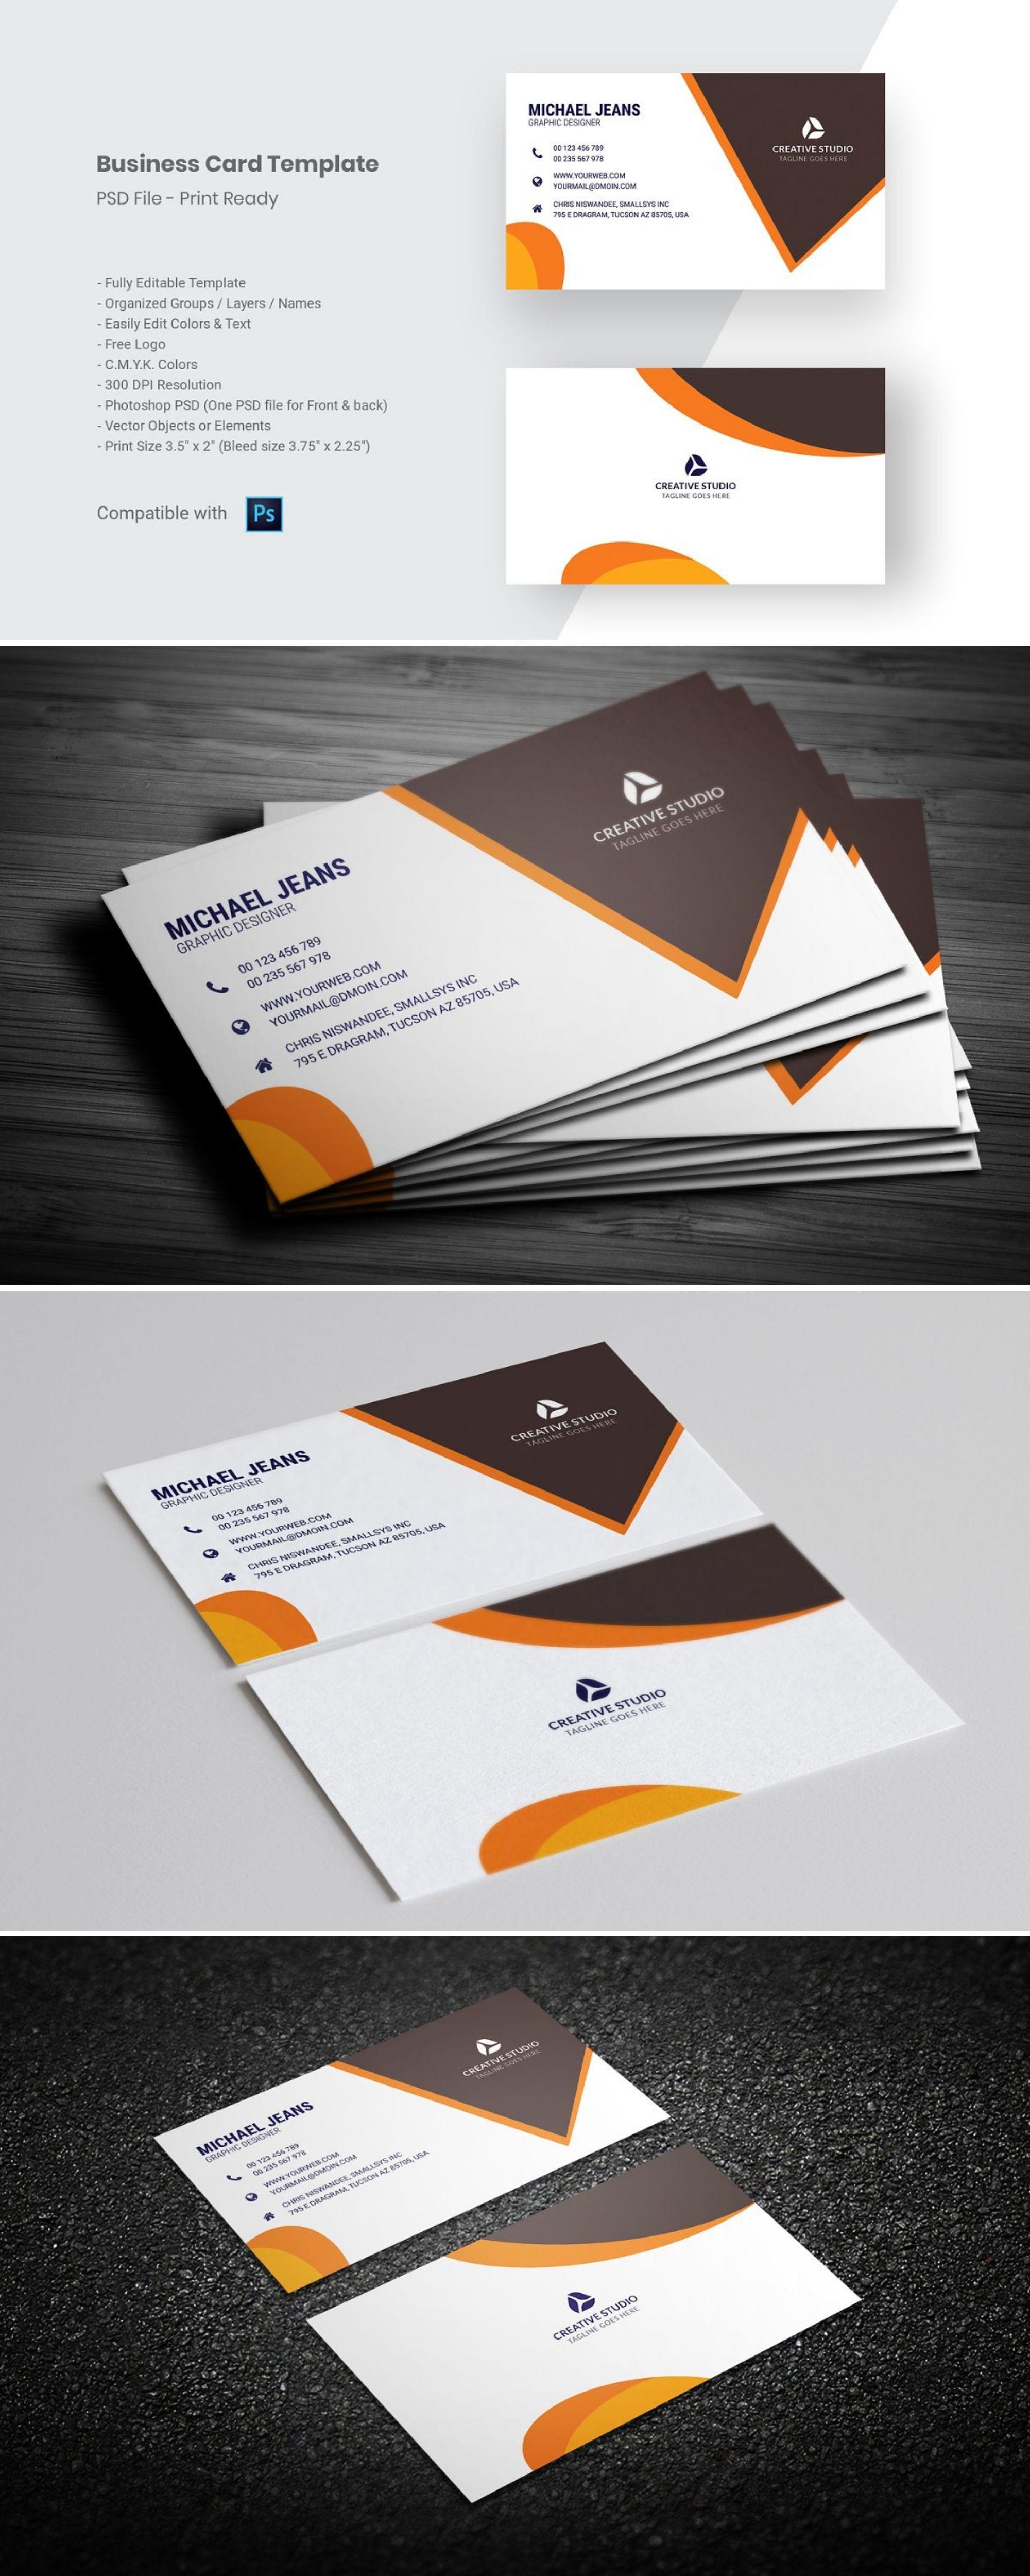 Modern Business Card Template Modern Business Cards Business Card Template Design Personal Business Cards Design